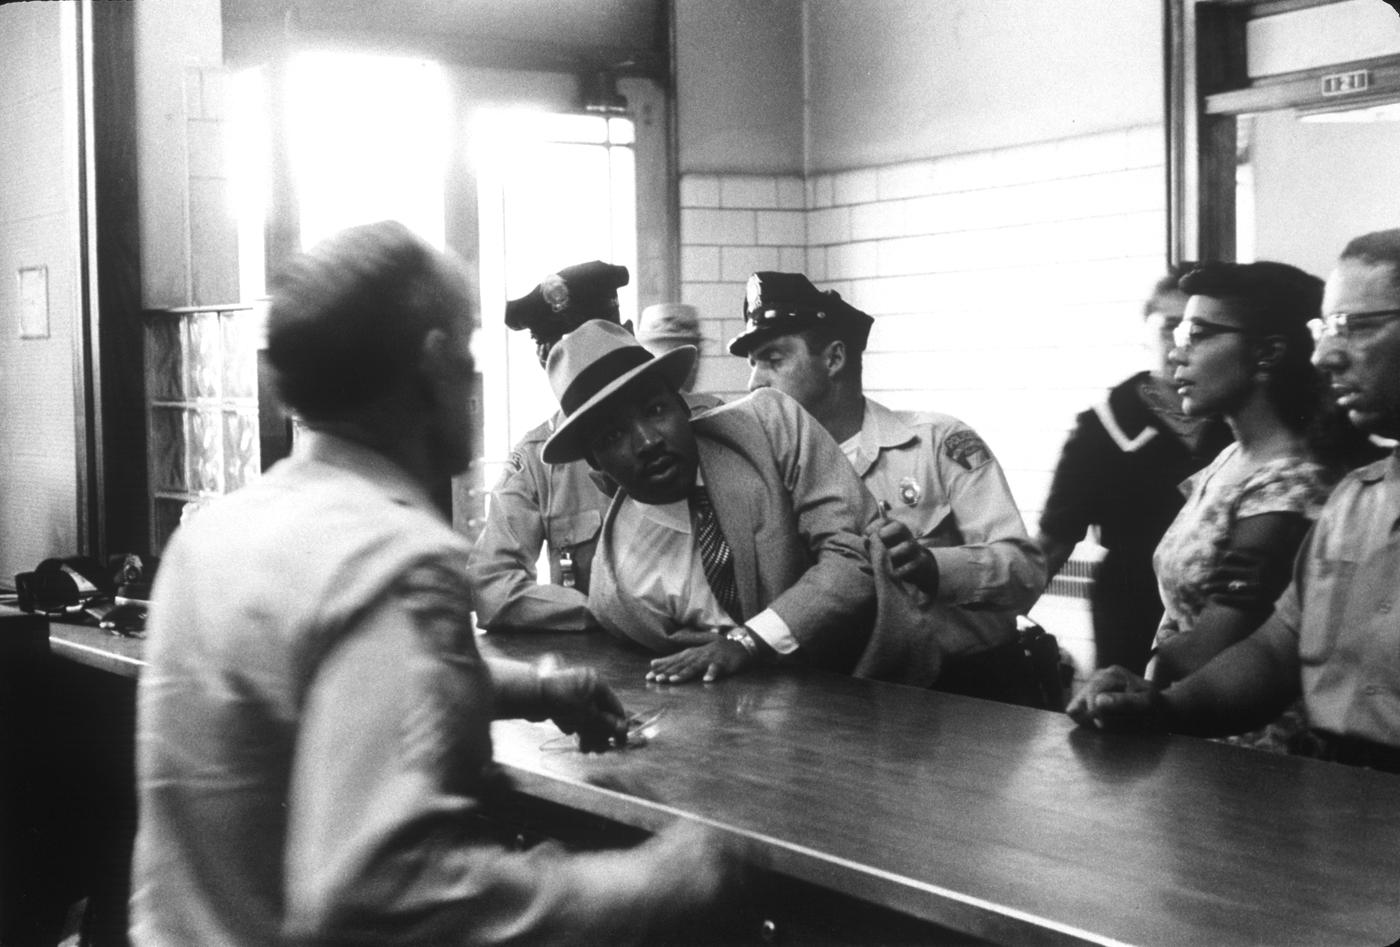 Martin Luther King arrêté devant la tribunal de Montgomery en 1958, sous les yeux de sa femme. Crédit photo : Charles More / black Star